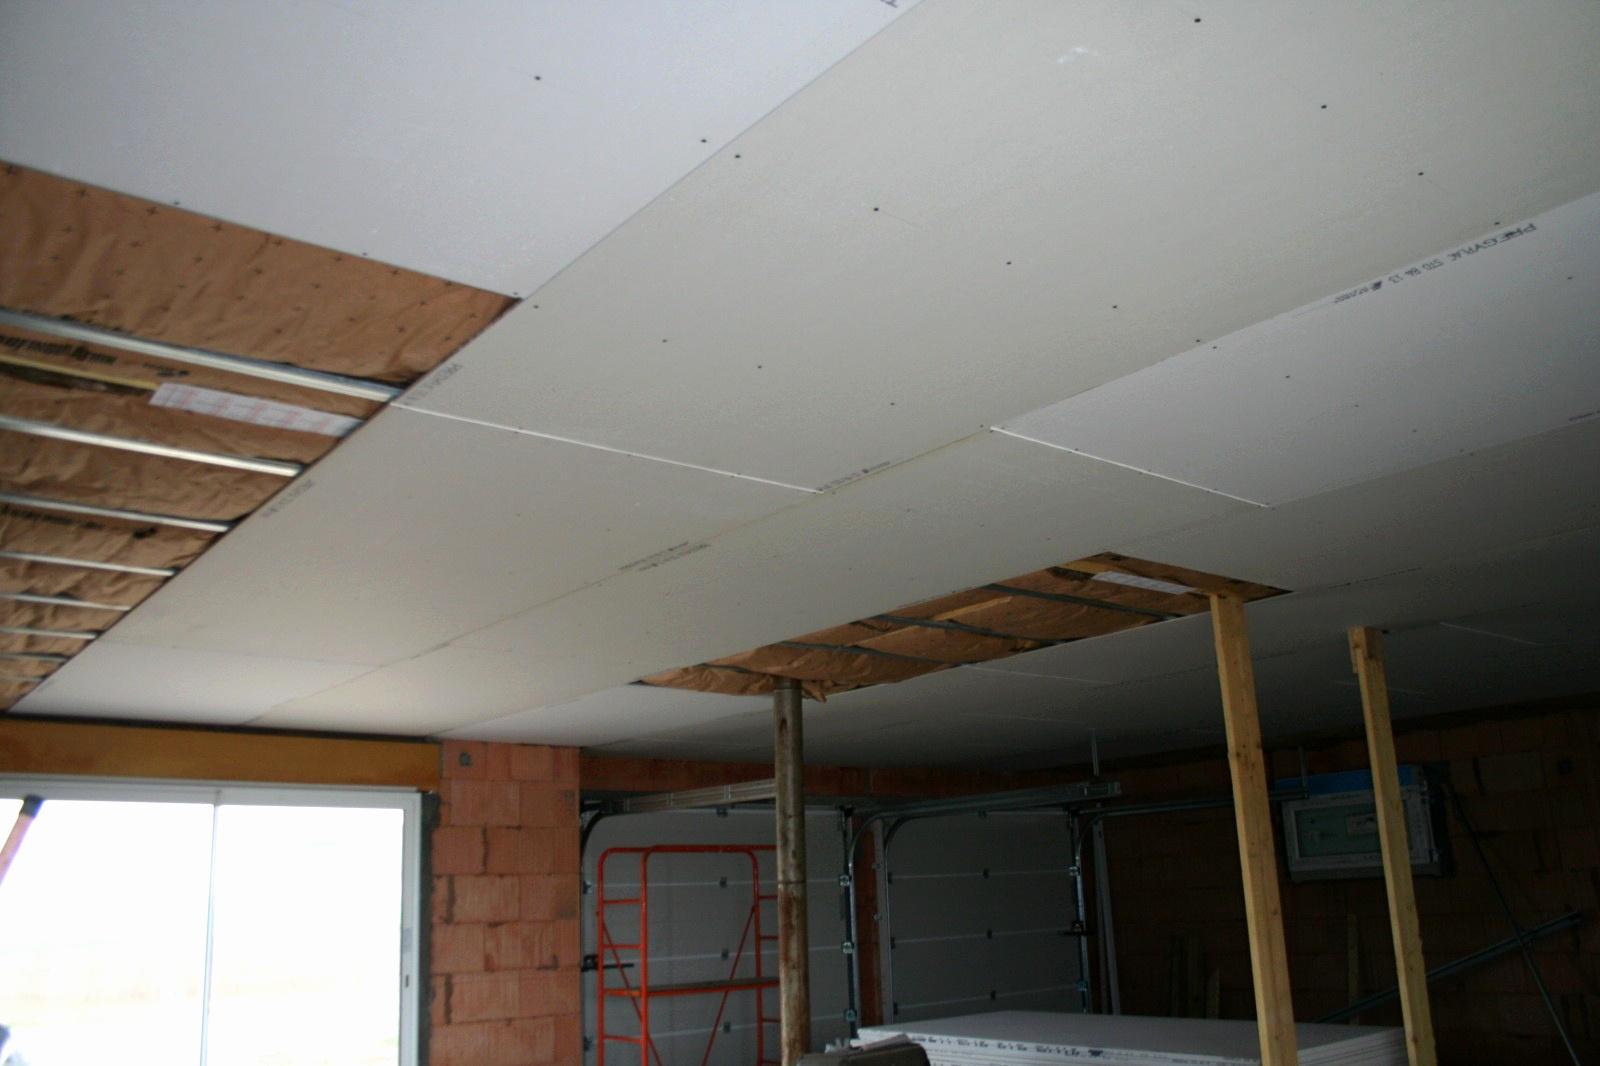 Dalle Plafond 60X60 Nouveau Dalle Plafond Brico Depot ... concernant Dalle Plafond Suspendu 60X60 Brico Depot